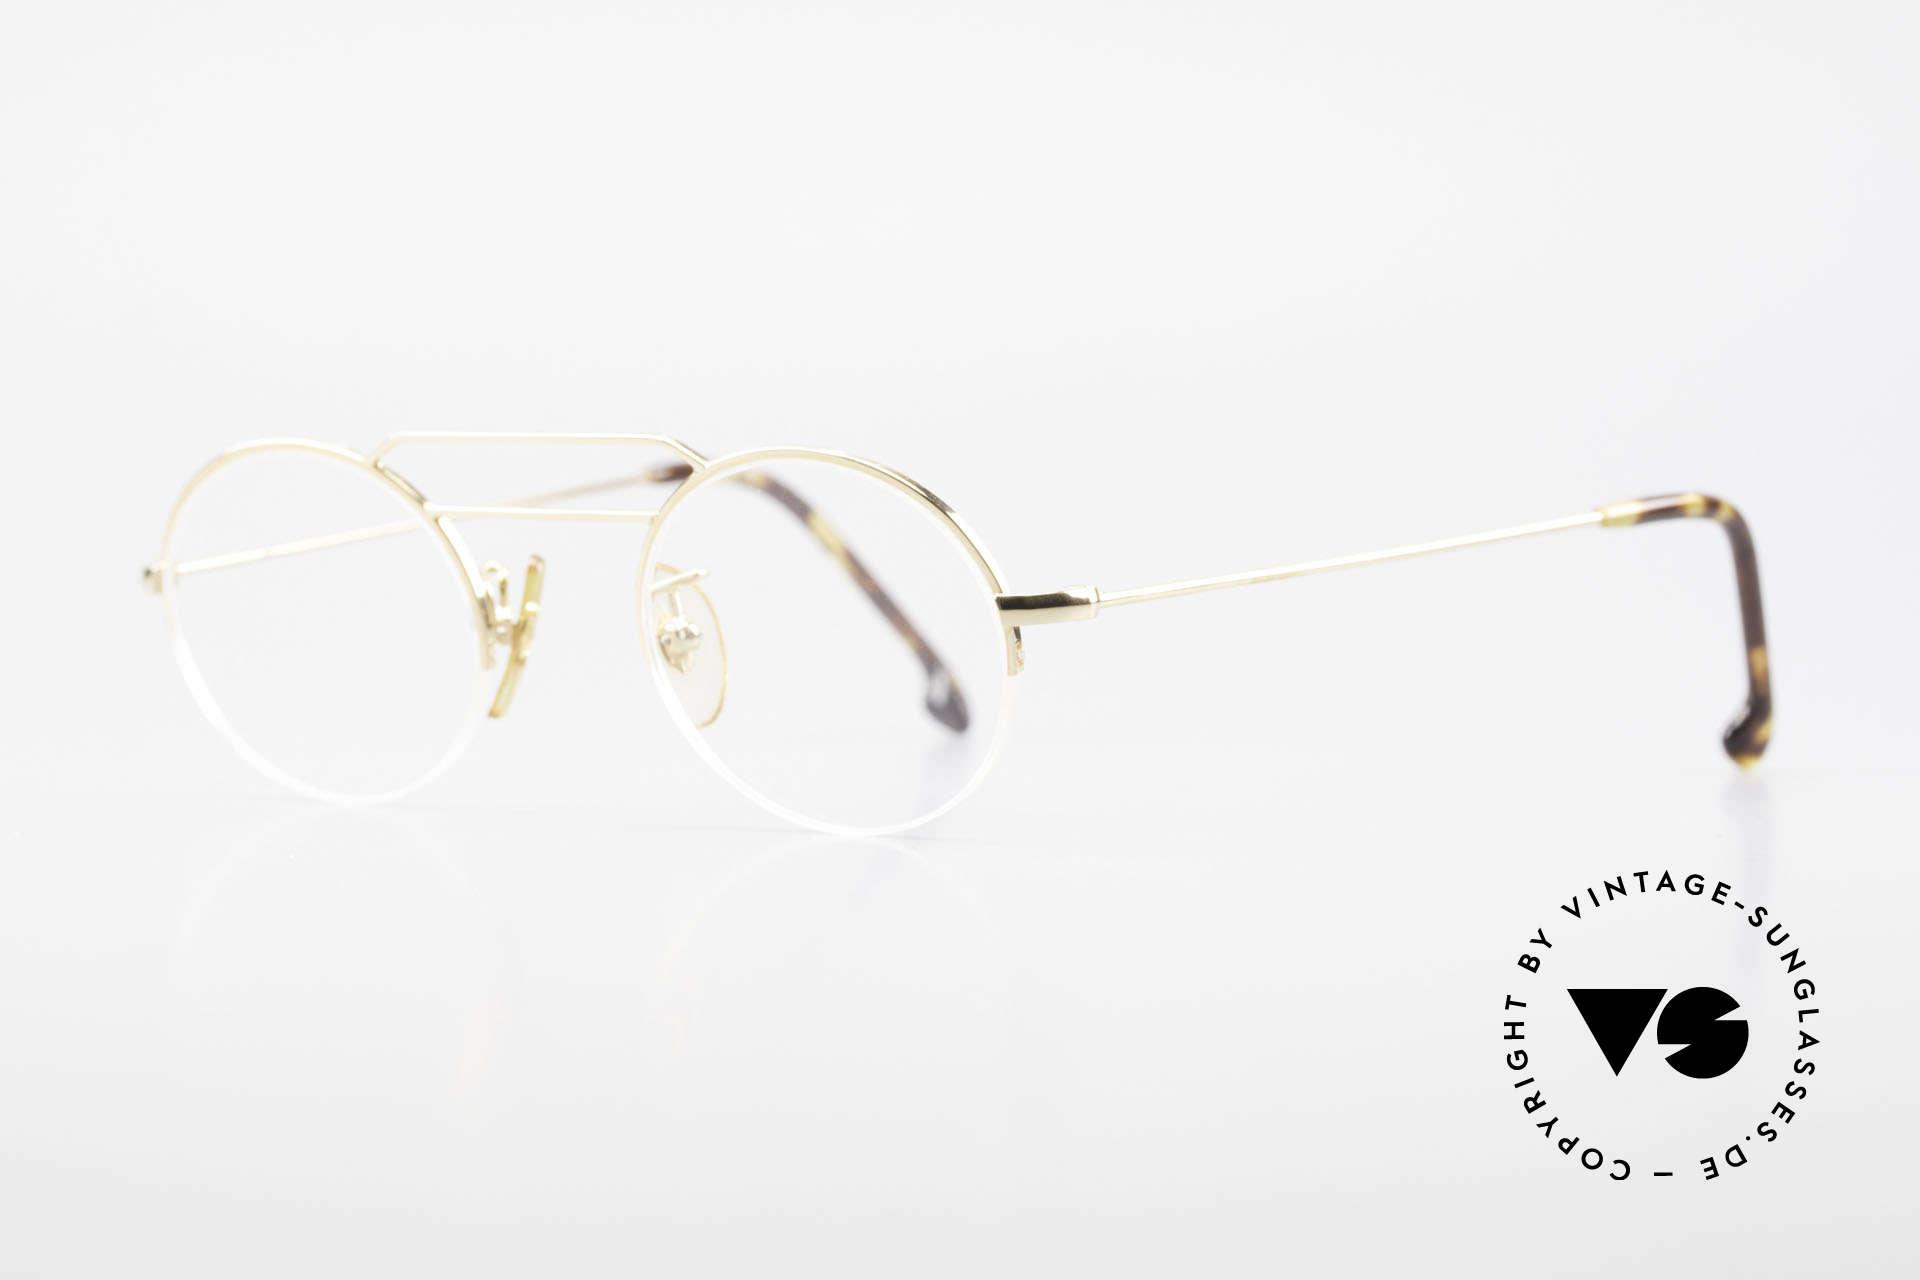 W Proksch's M5/7 90er Halb Randlos Vergoldet, schlichtes Design & japanisches Qualitäts-Streben!, Passend für Herren und Damen